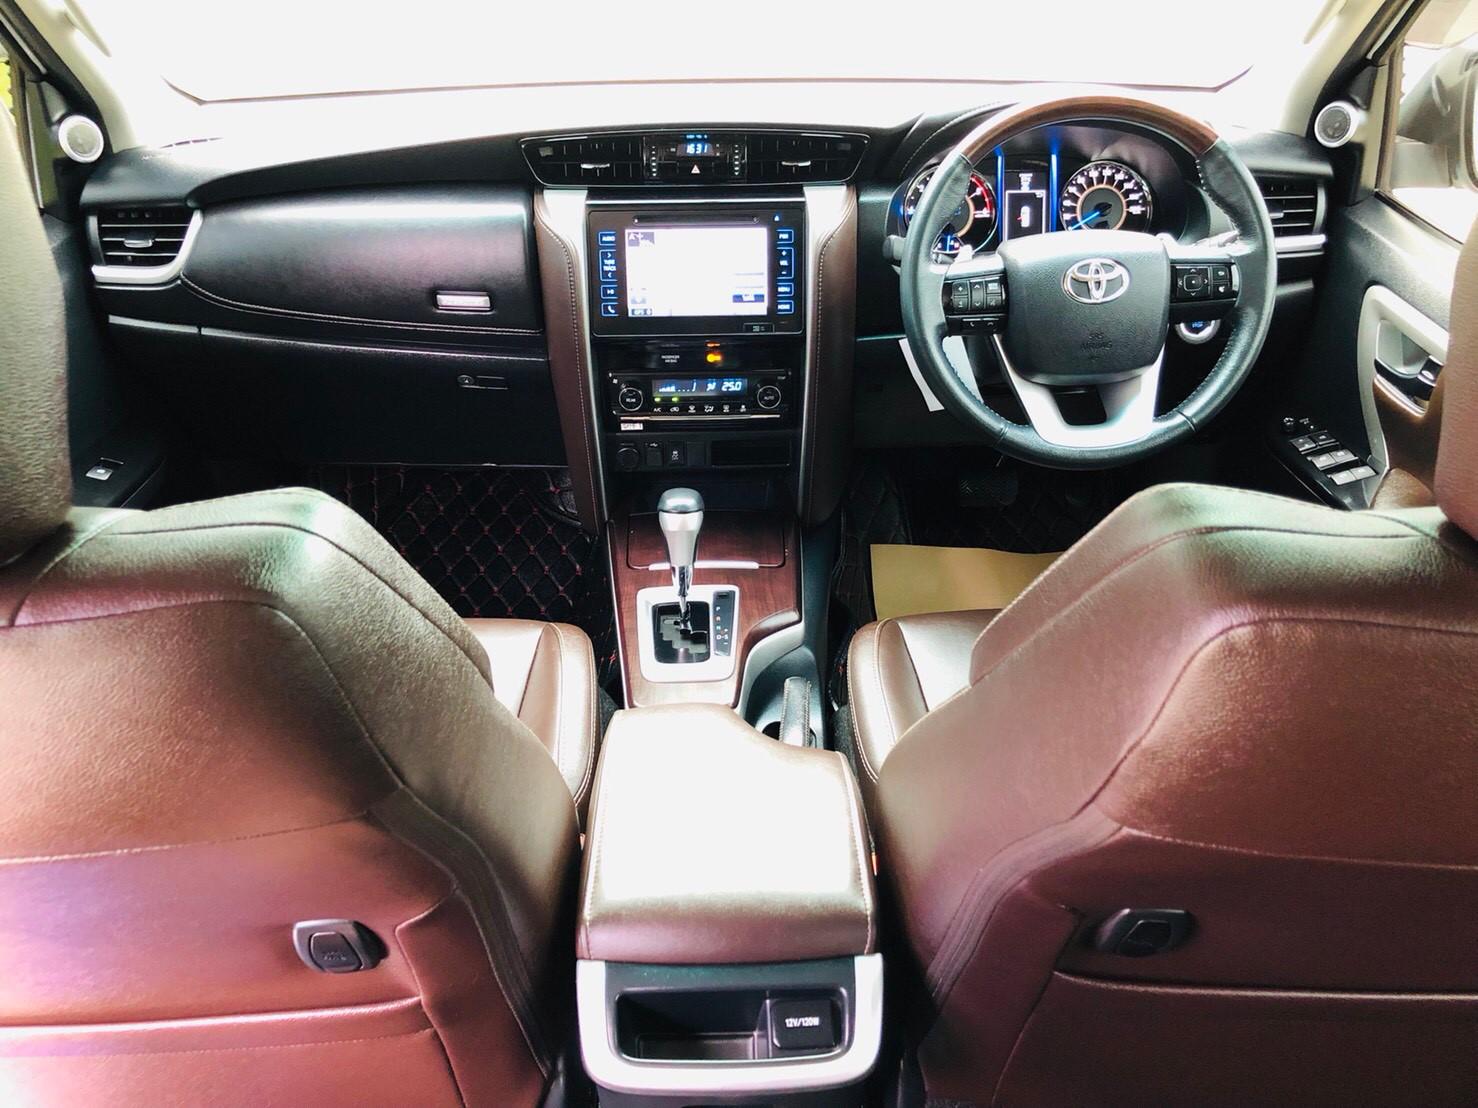 ภาพทรรศนะวิสัย โตโยต้า ฟอร์จูนเนอร์ 2.4 V 2WD ปี 2017